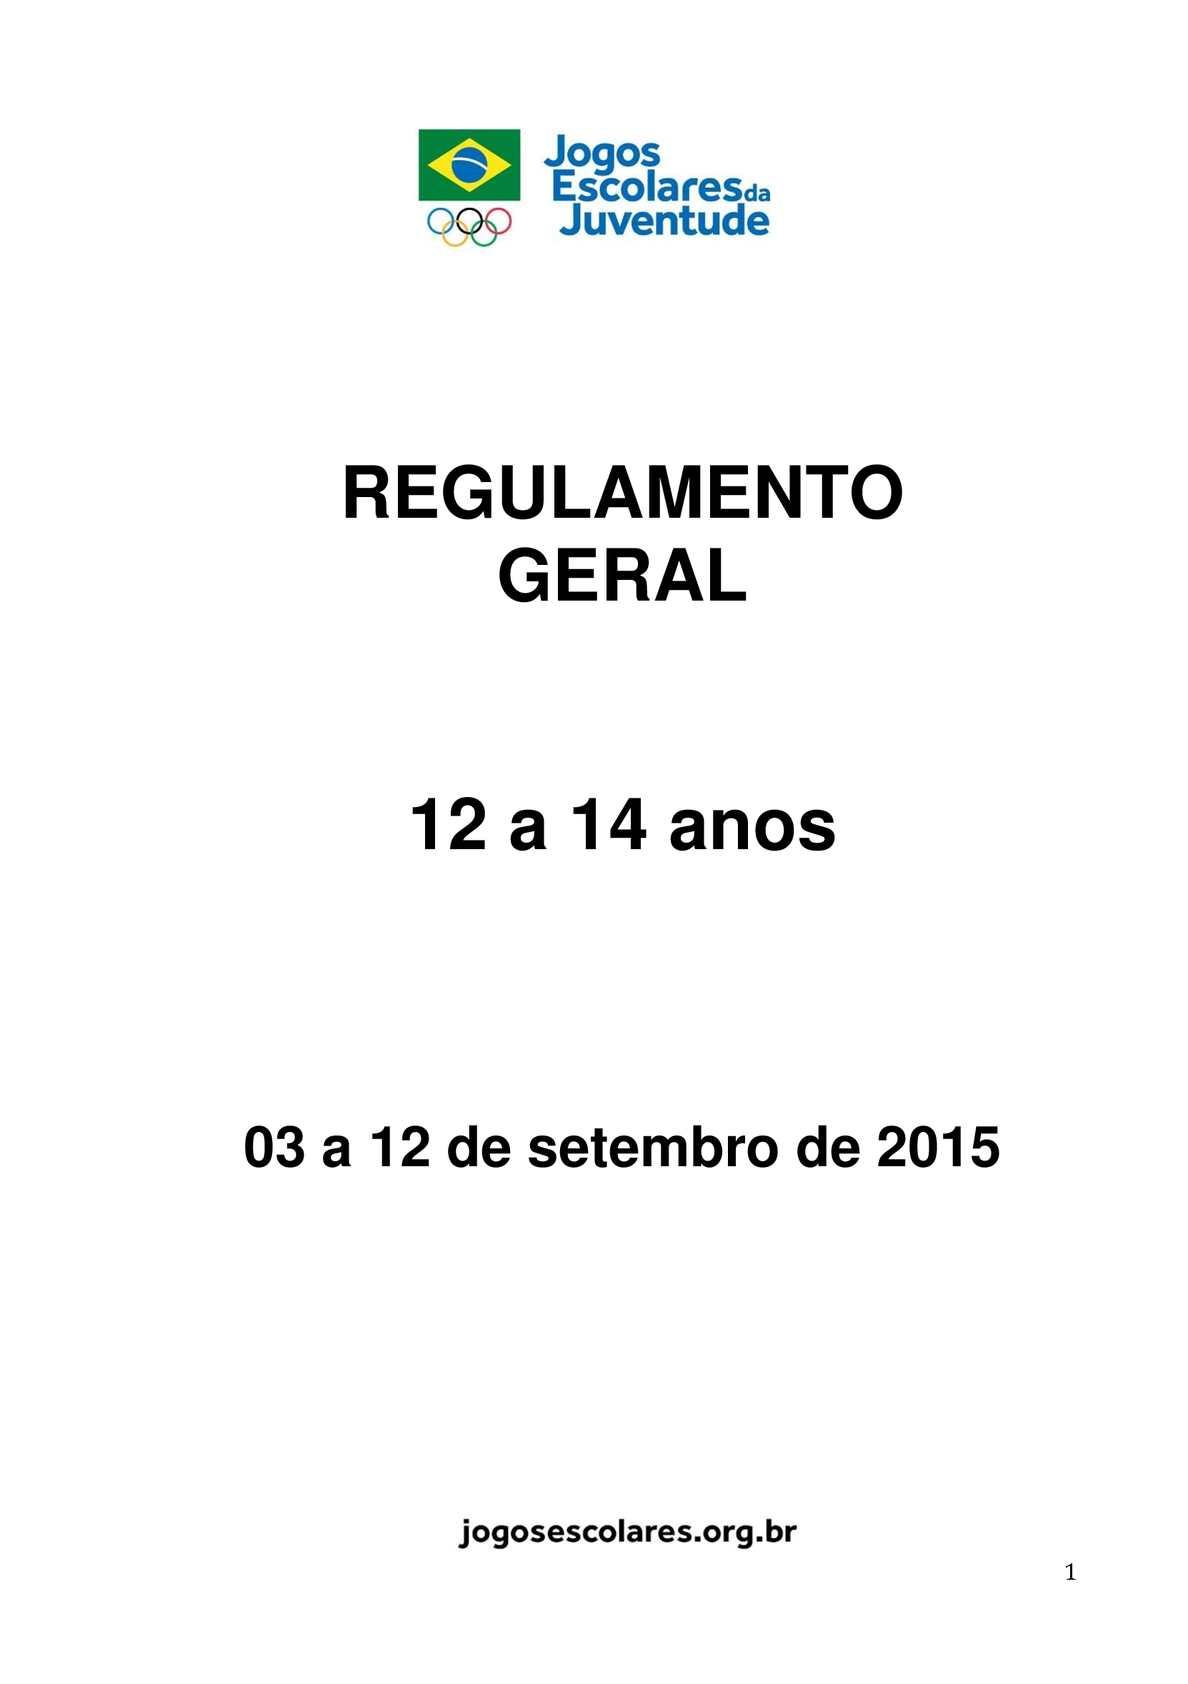 Calaméo - Regulamento Dos Jogos Escolares 2015 12 A 14 Anos - Free Download 327ca10198bb6